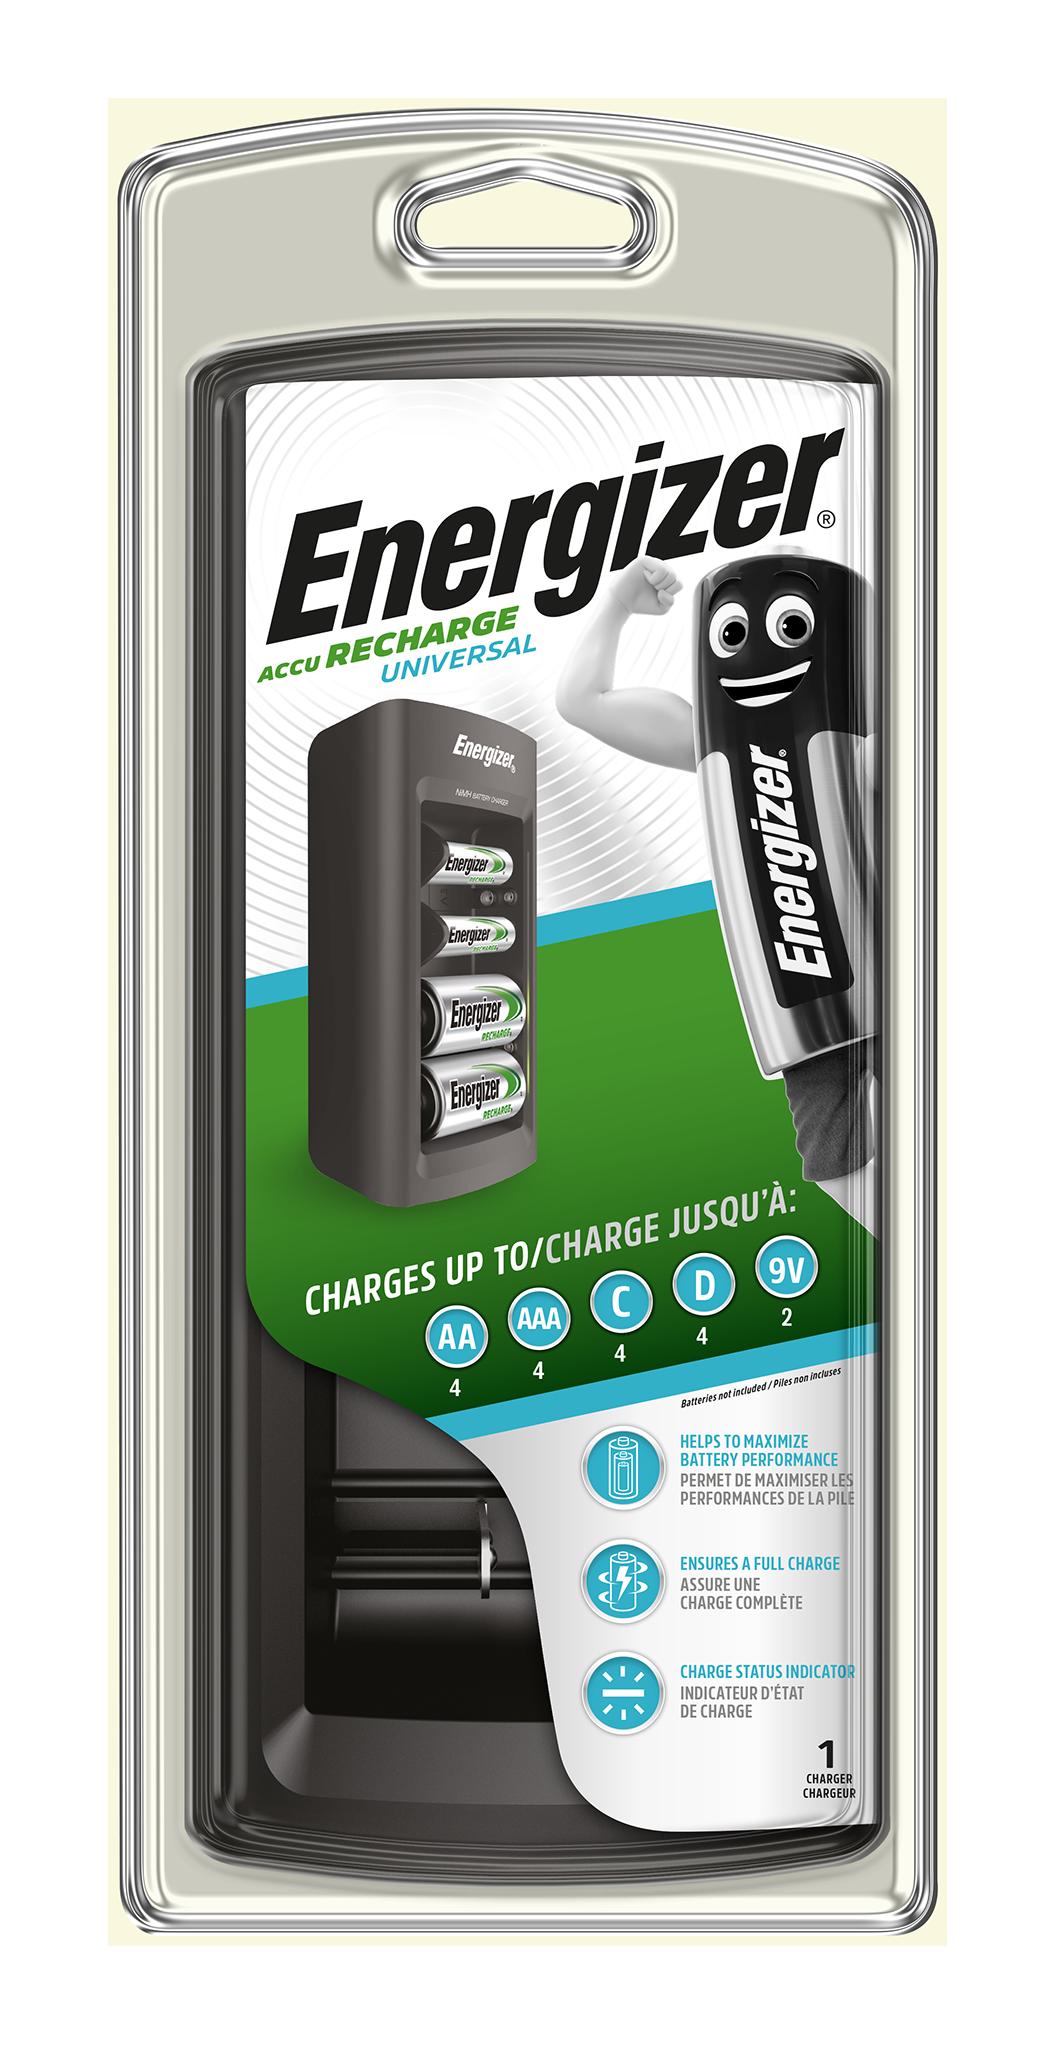 Univerzální nabíječka baterií Energizer Universal (LED indikace)